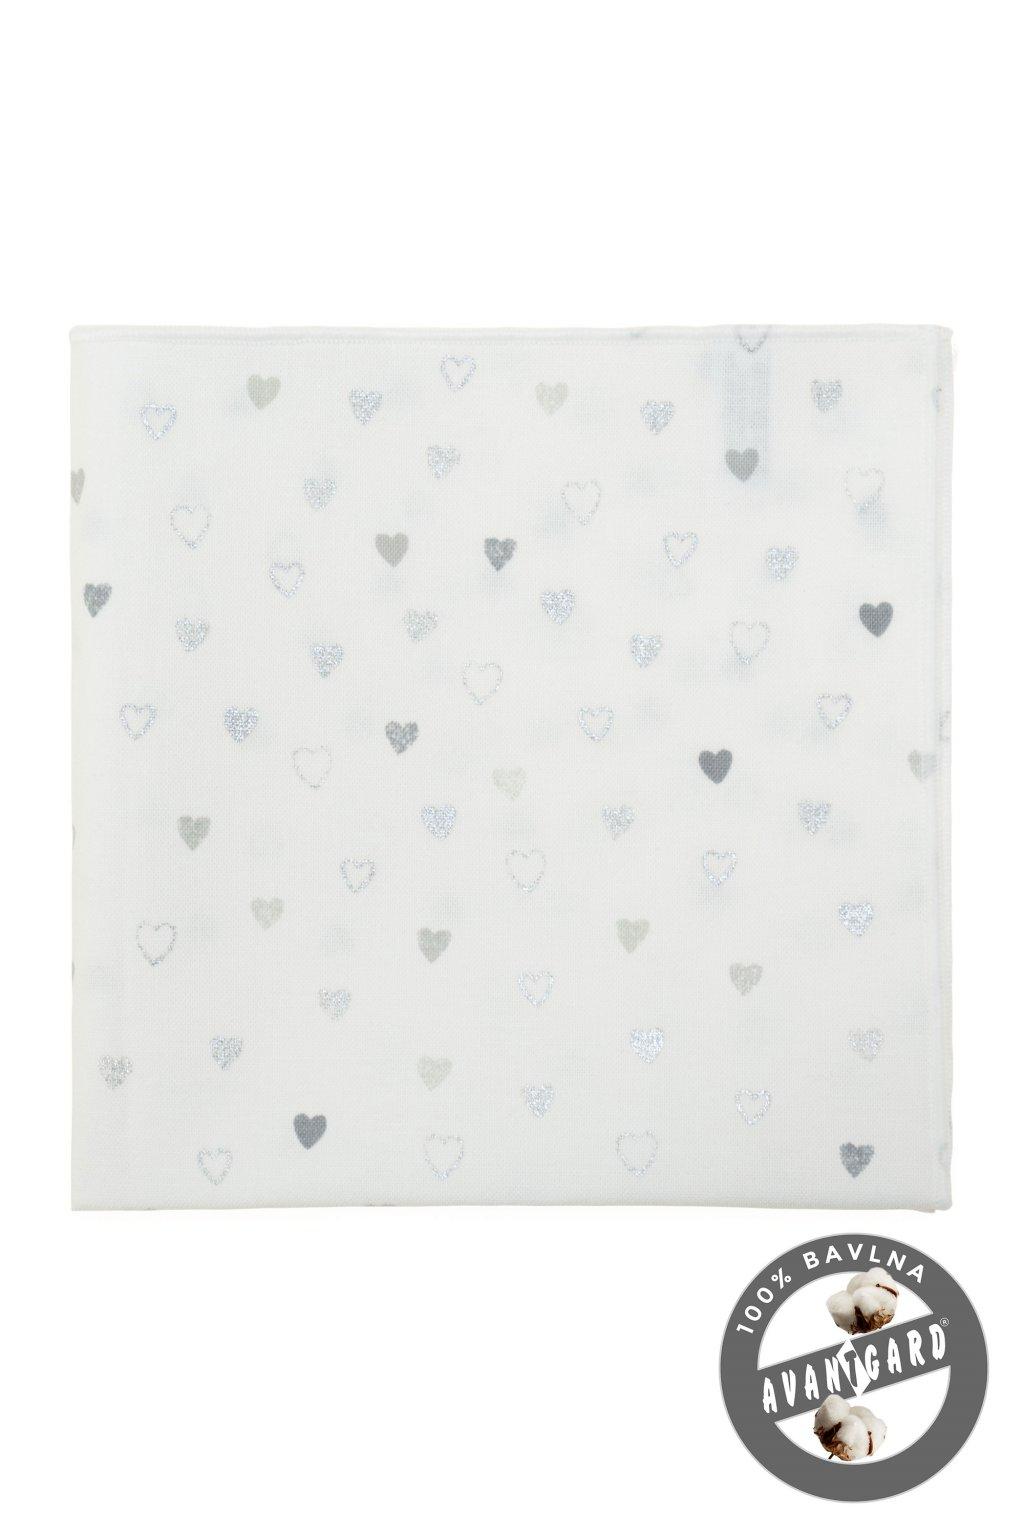 Kapesníček do saka LUX bílá/srdce 583 - 51027